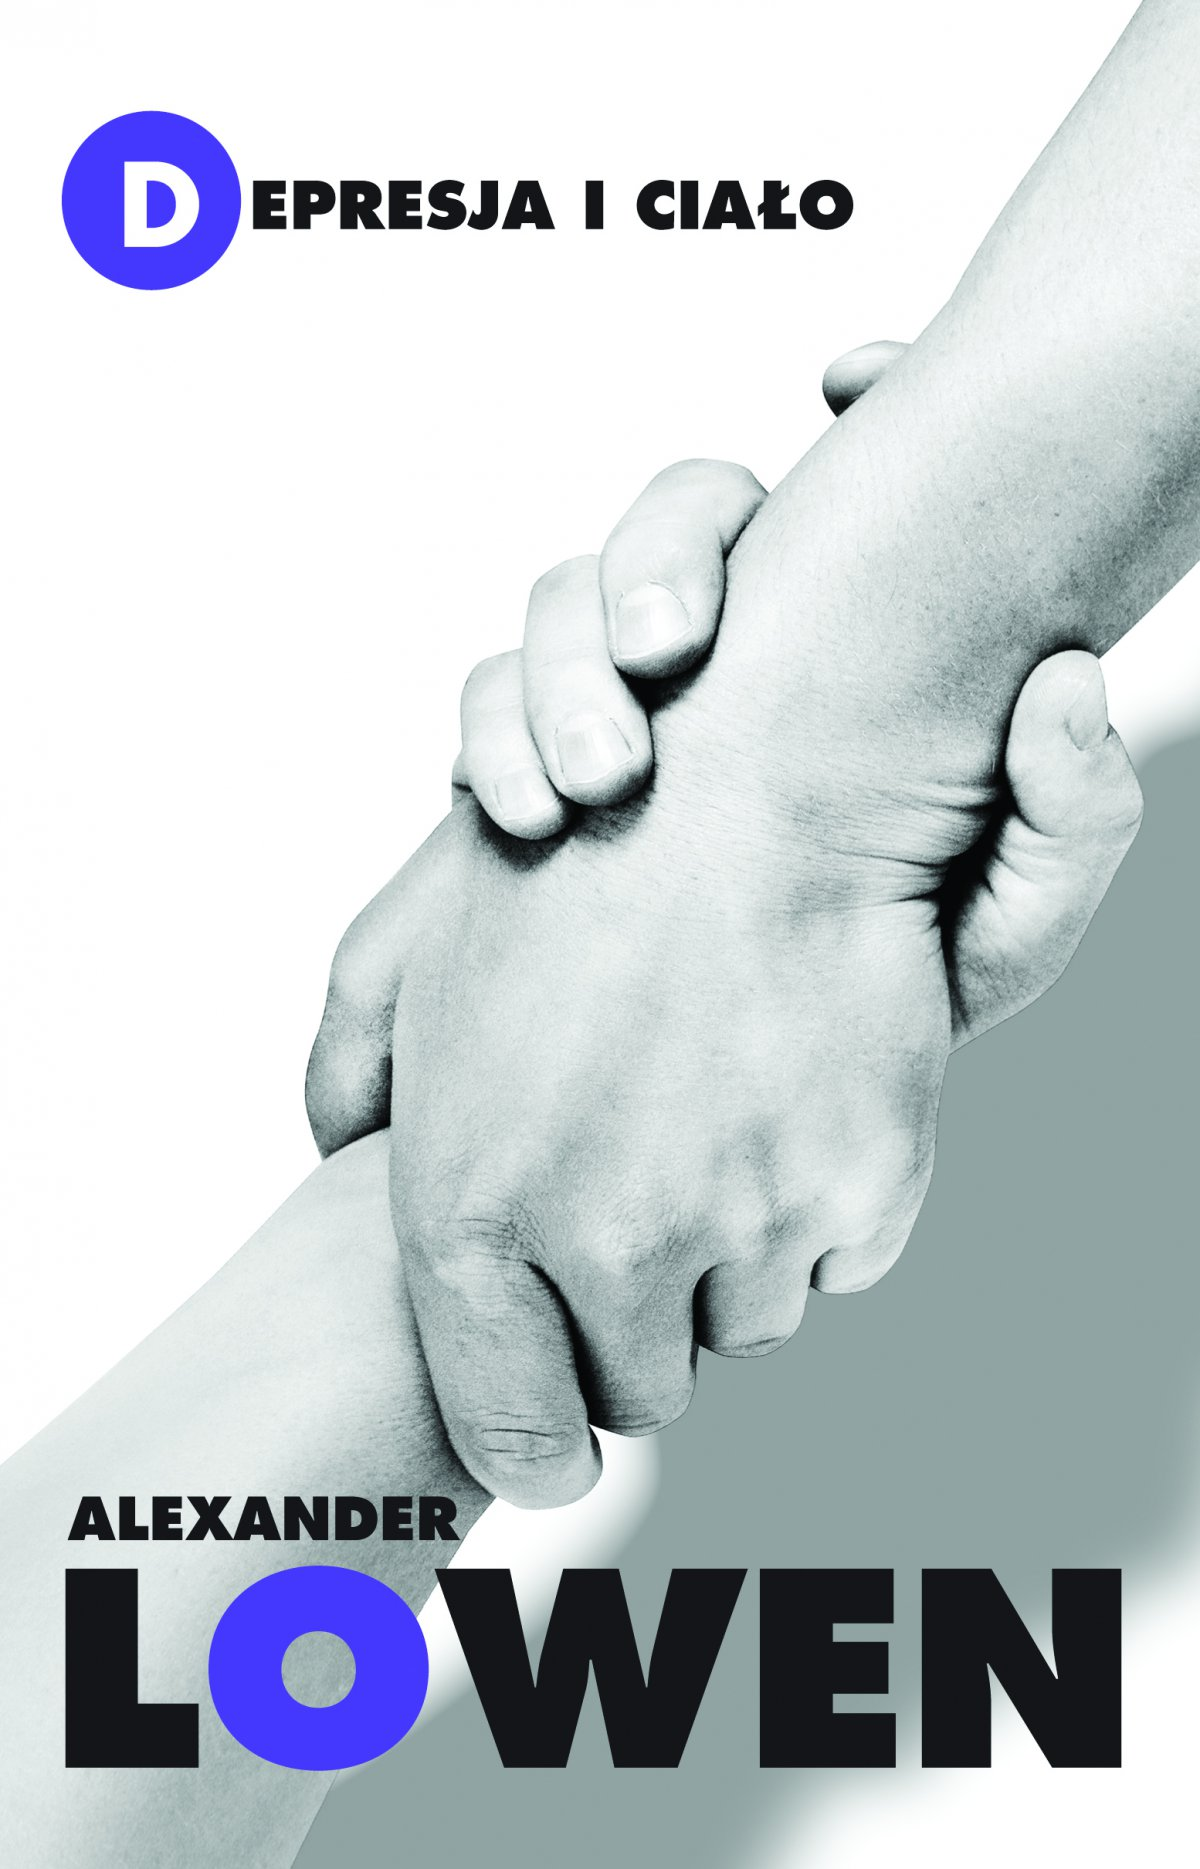 Depresja i ciało - Ebook (Książka EPUB) do pobrania w formacie EPUB